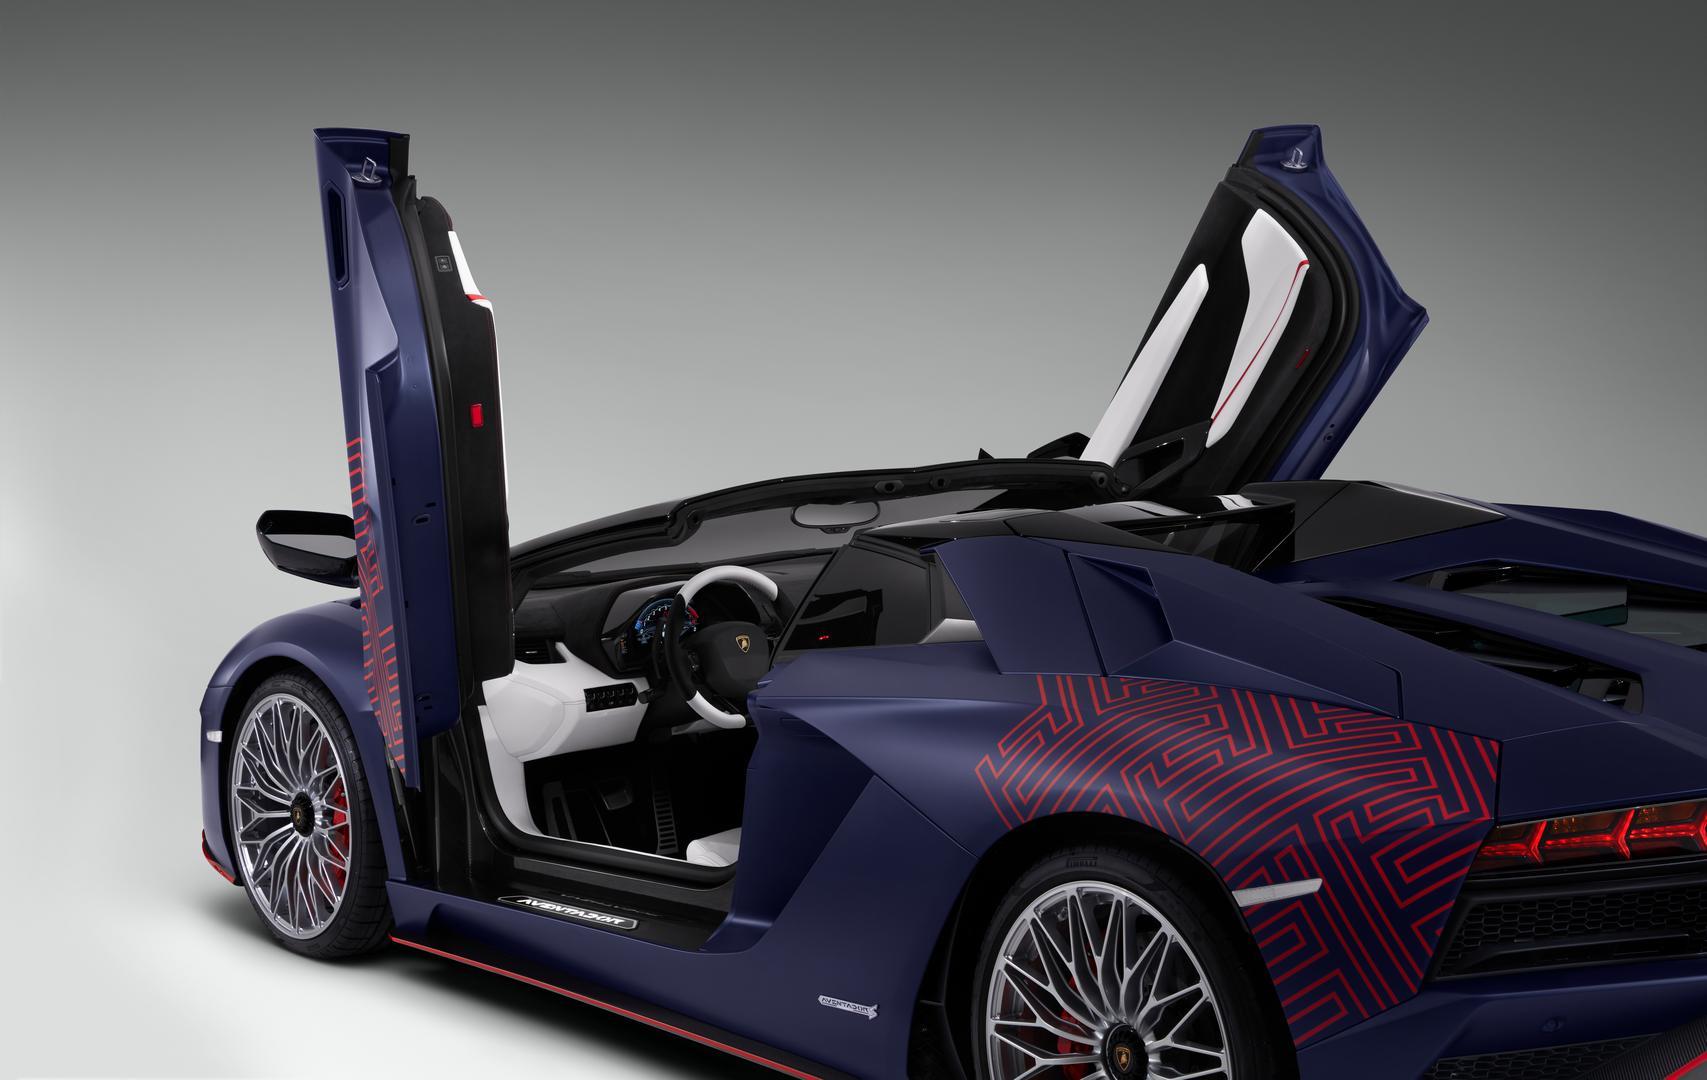 Aventador S Roadster doors